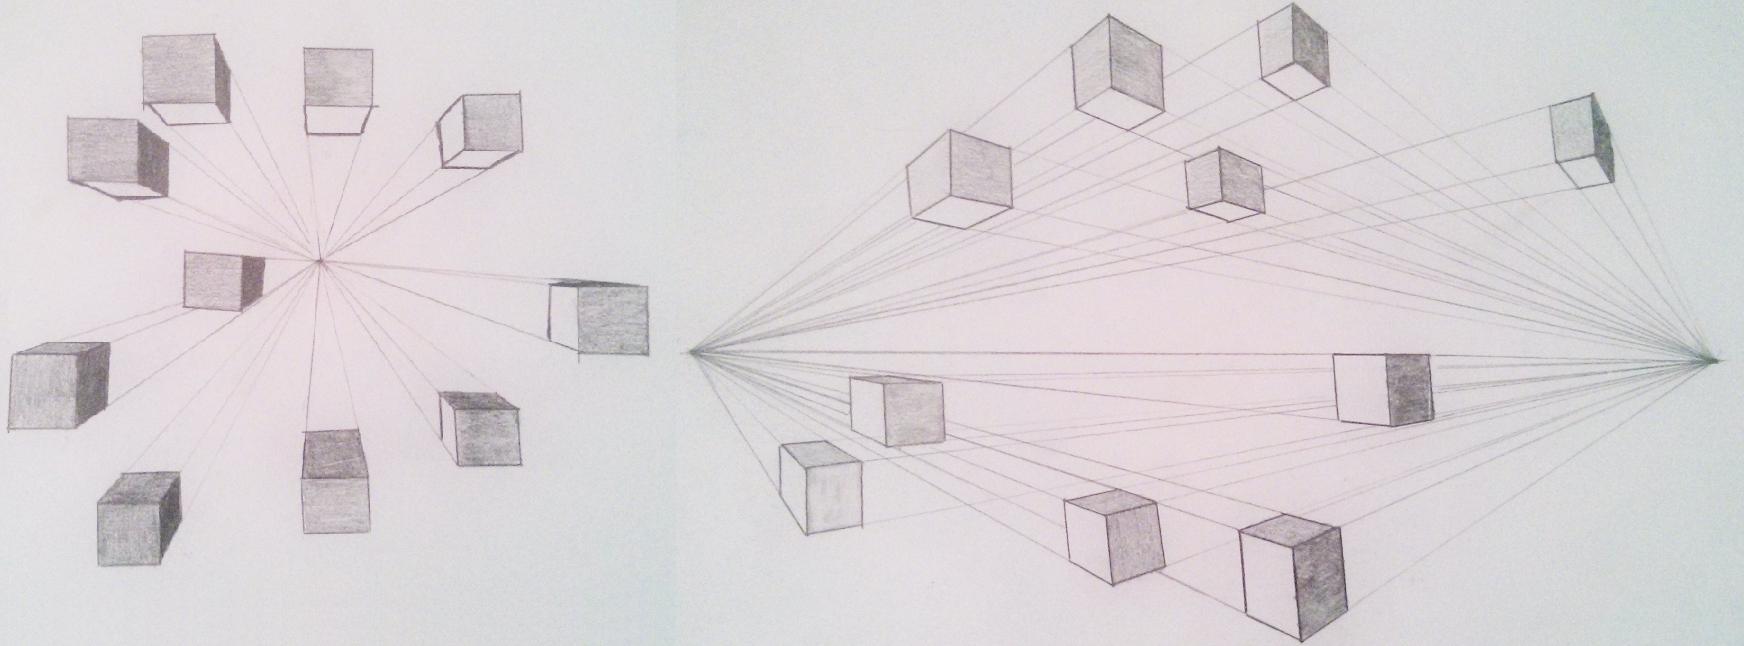 Perspectivas com um e com dois pontos de fuga (desculpe a tosquice, os desenhos tem mais de 10 anos)